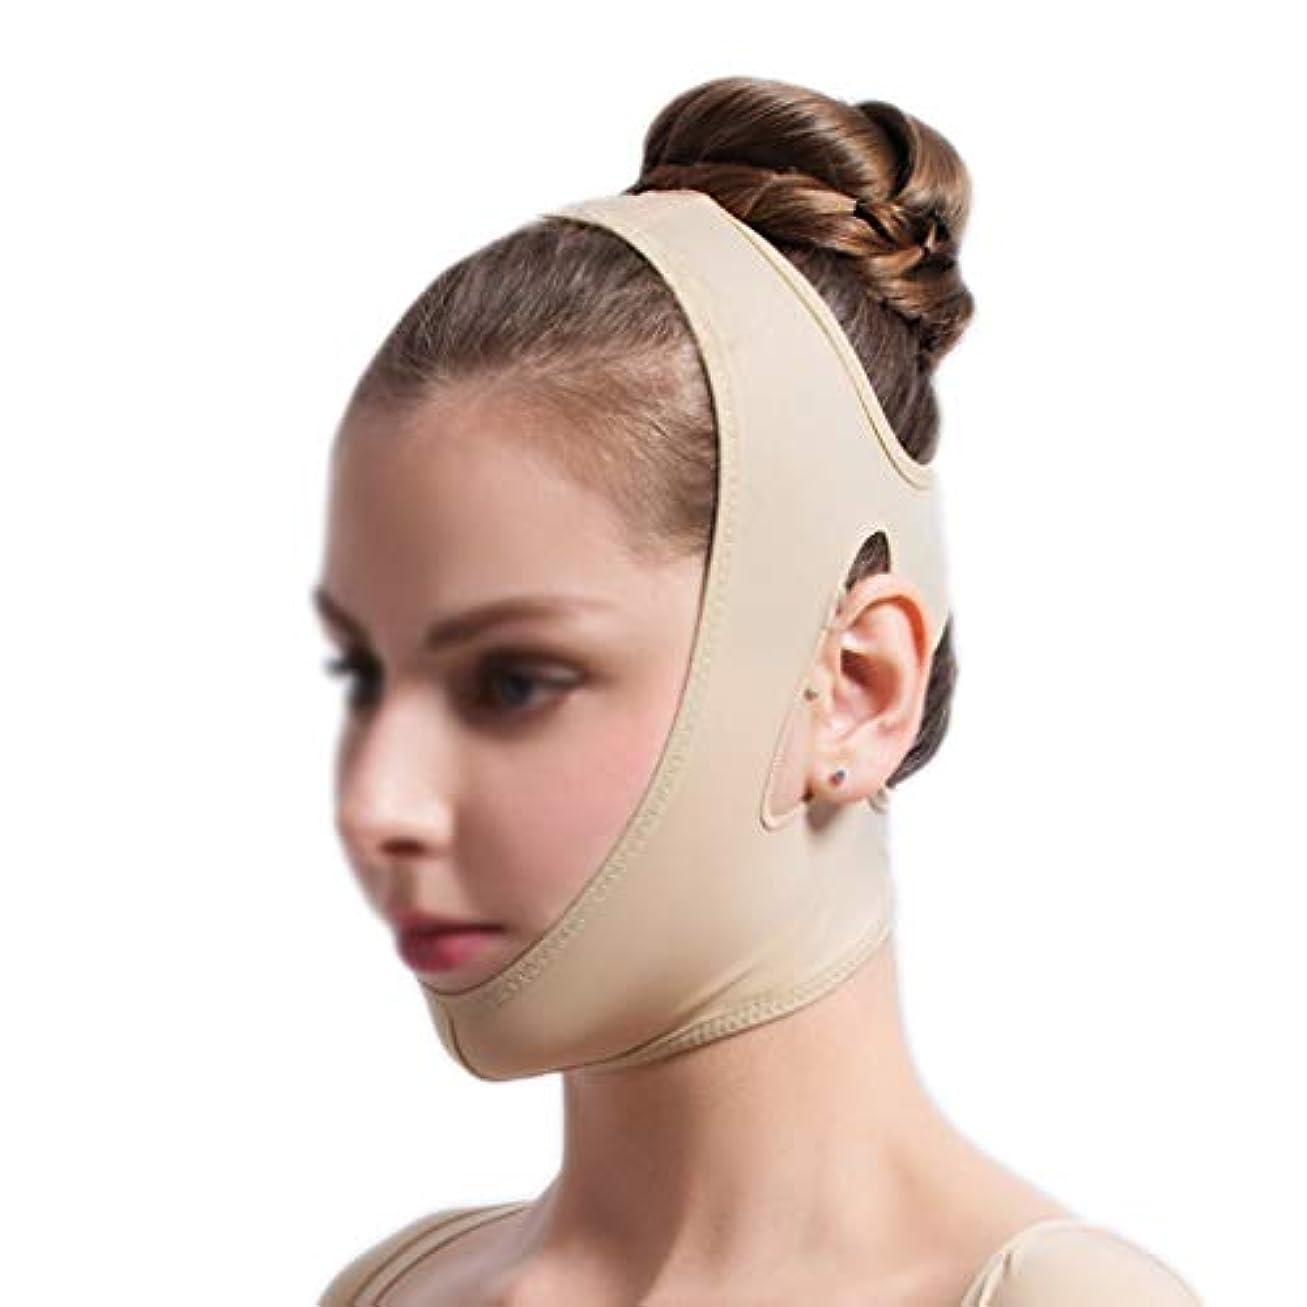 モールス信号原稿傾くフェイスリフティング包帯、フェイシャル減量マスク、フェイシャルリフティング痩身ベルト、痩身頬マスク (Size : L)